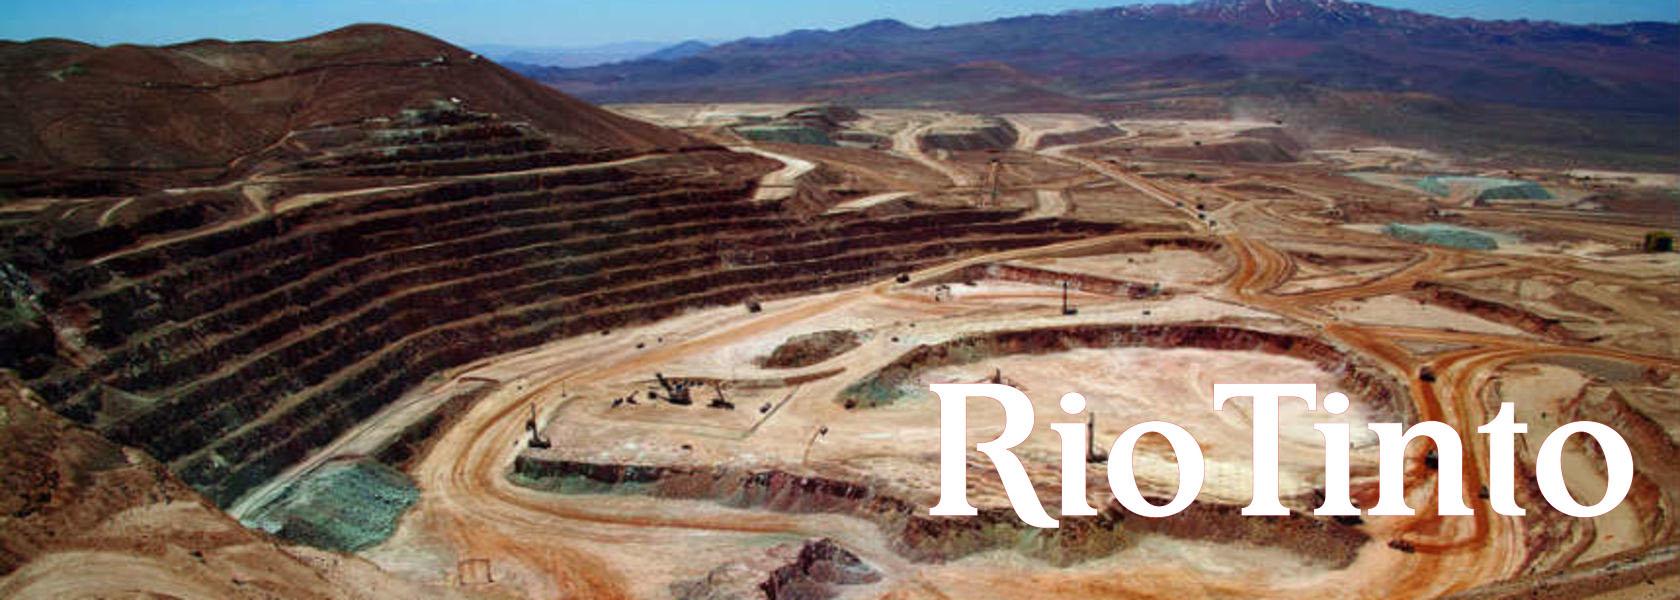 اراضی استخراج مواد معدنی توسط شرکت ریوتینتو